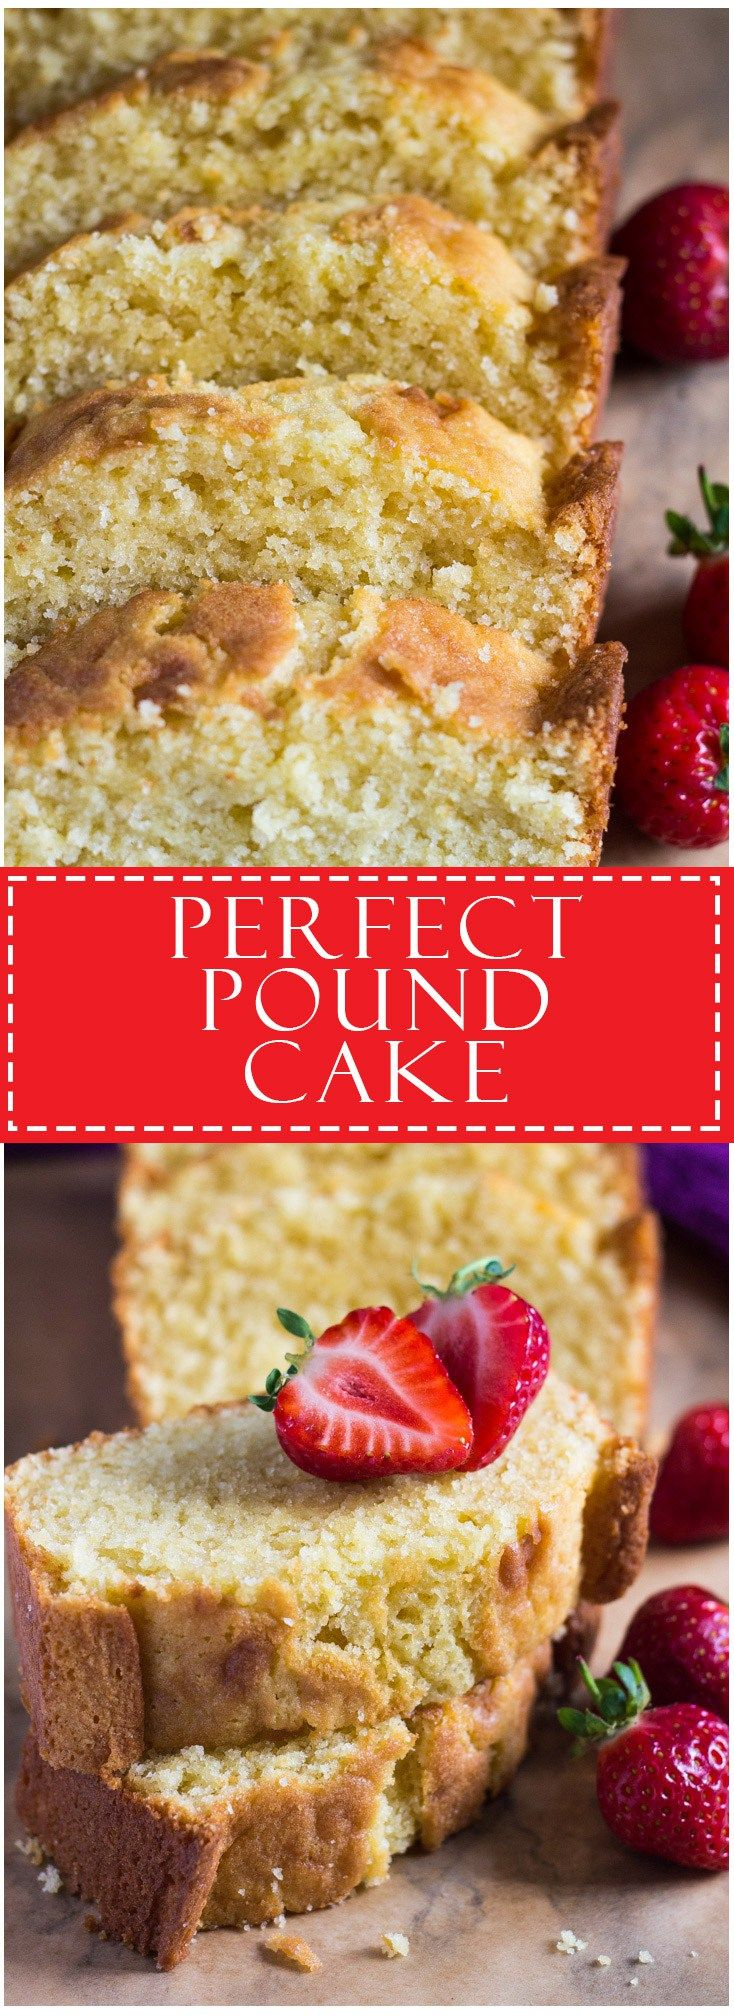 Perfect Pound Cake | Marsha's Baking Addiction